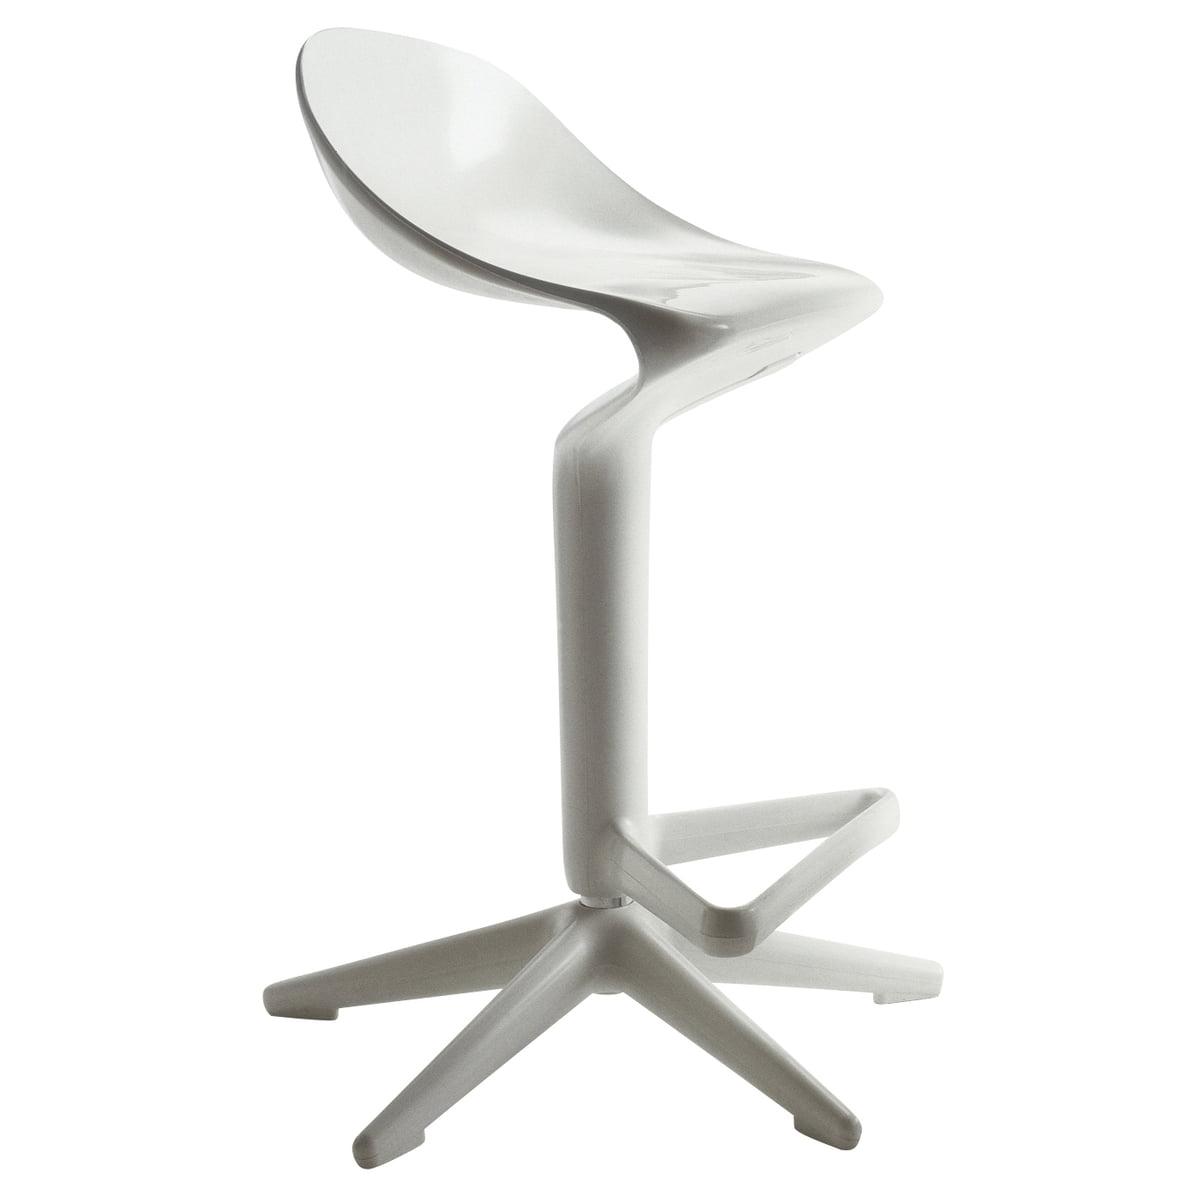 Kartell - Spoon Barhocker, weiß | Küche und Esszimmer > Bar-Möbel > Barhocker | Weiß | Kartell